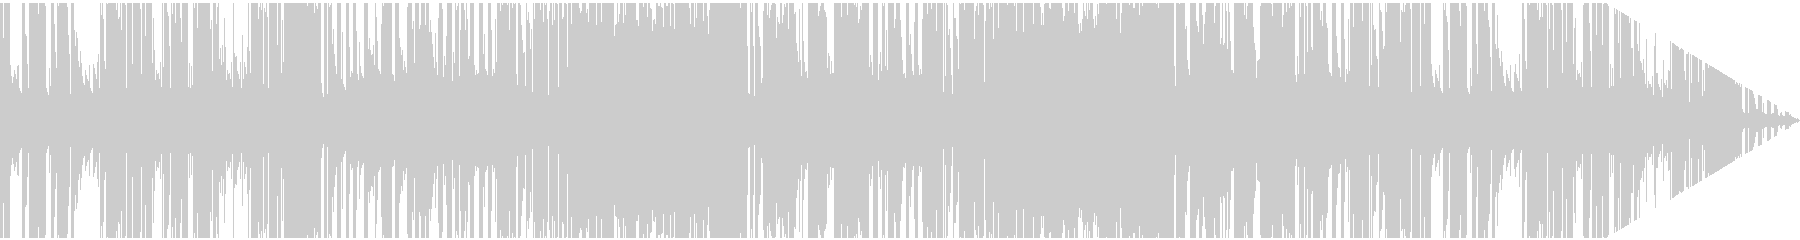 ほのぼのとしたレトロジャズ系日常BGMの未再生の波形